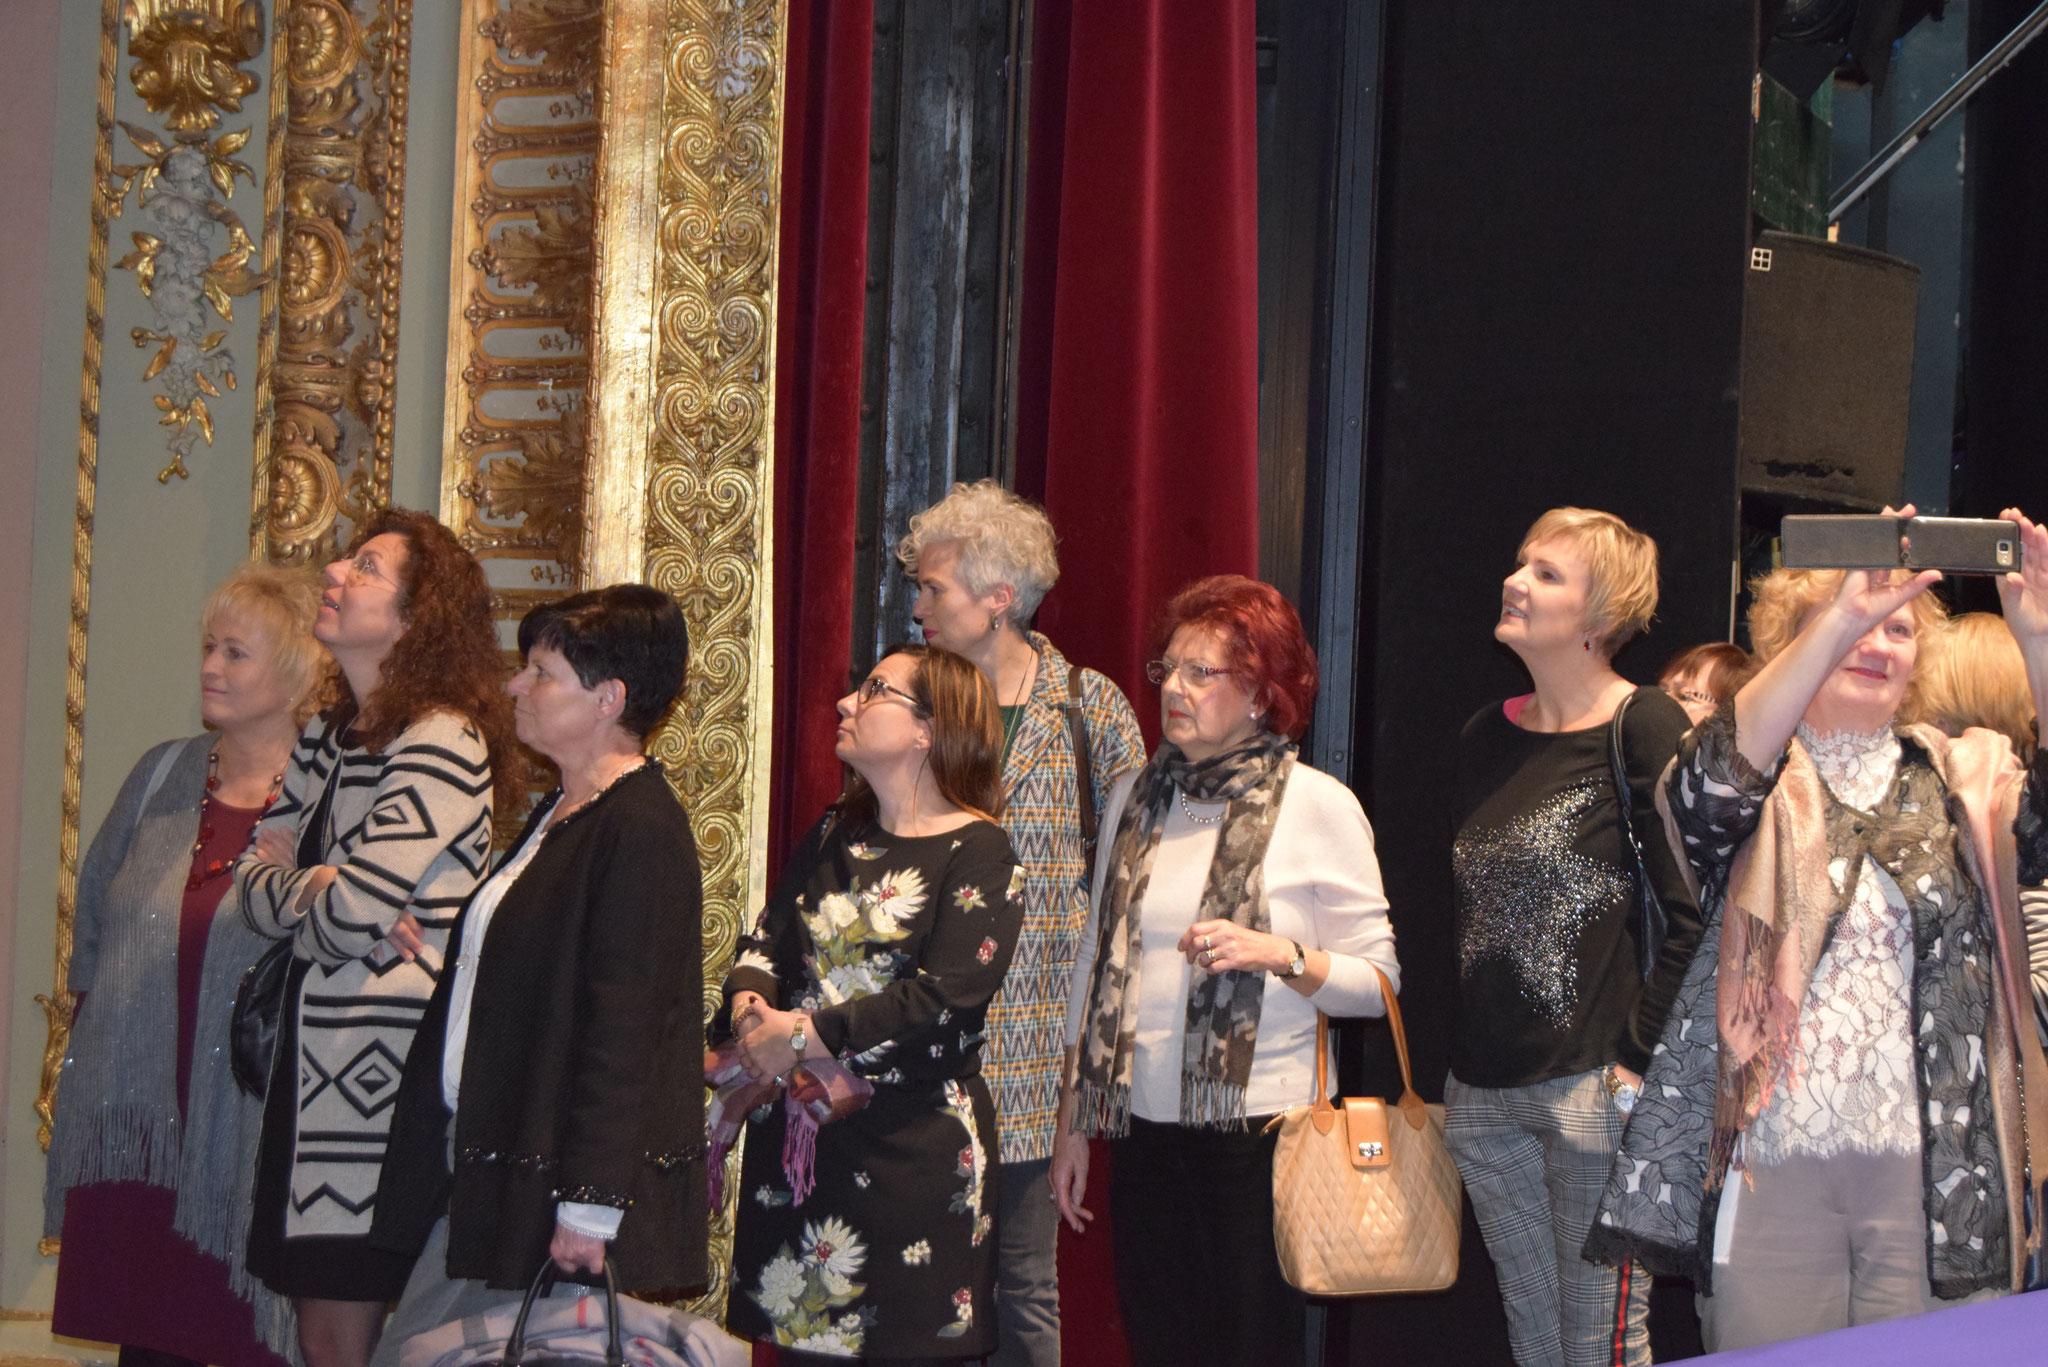 12-17 ein Teil unserer Besuchergruppe auf der Bühne